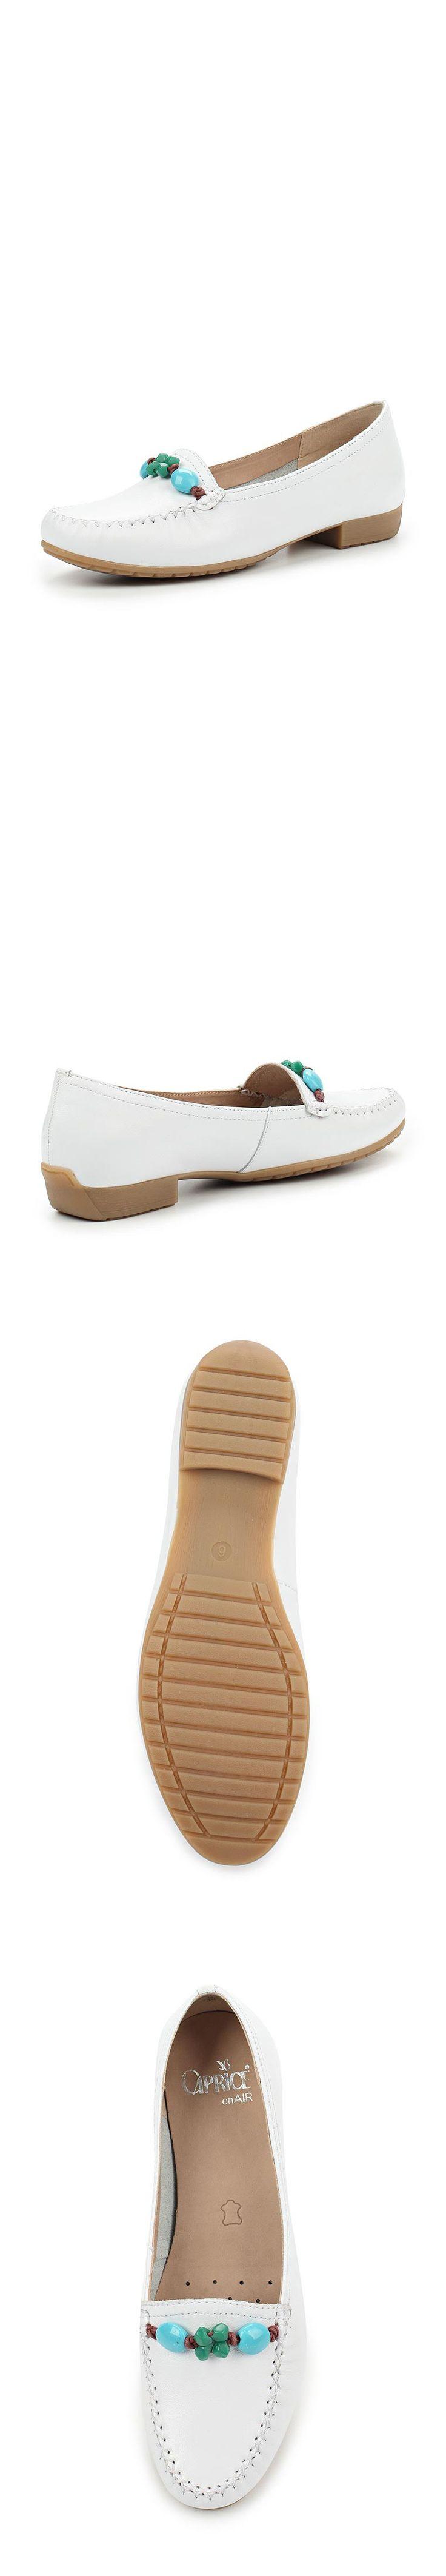 Женская обувь мокасины Caprice за 4899.00 руб.